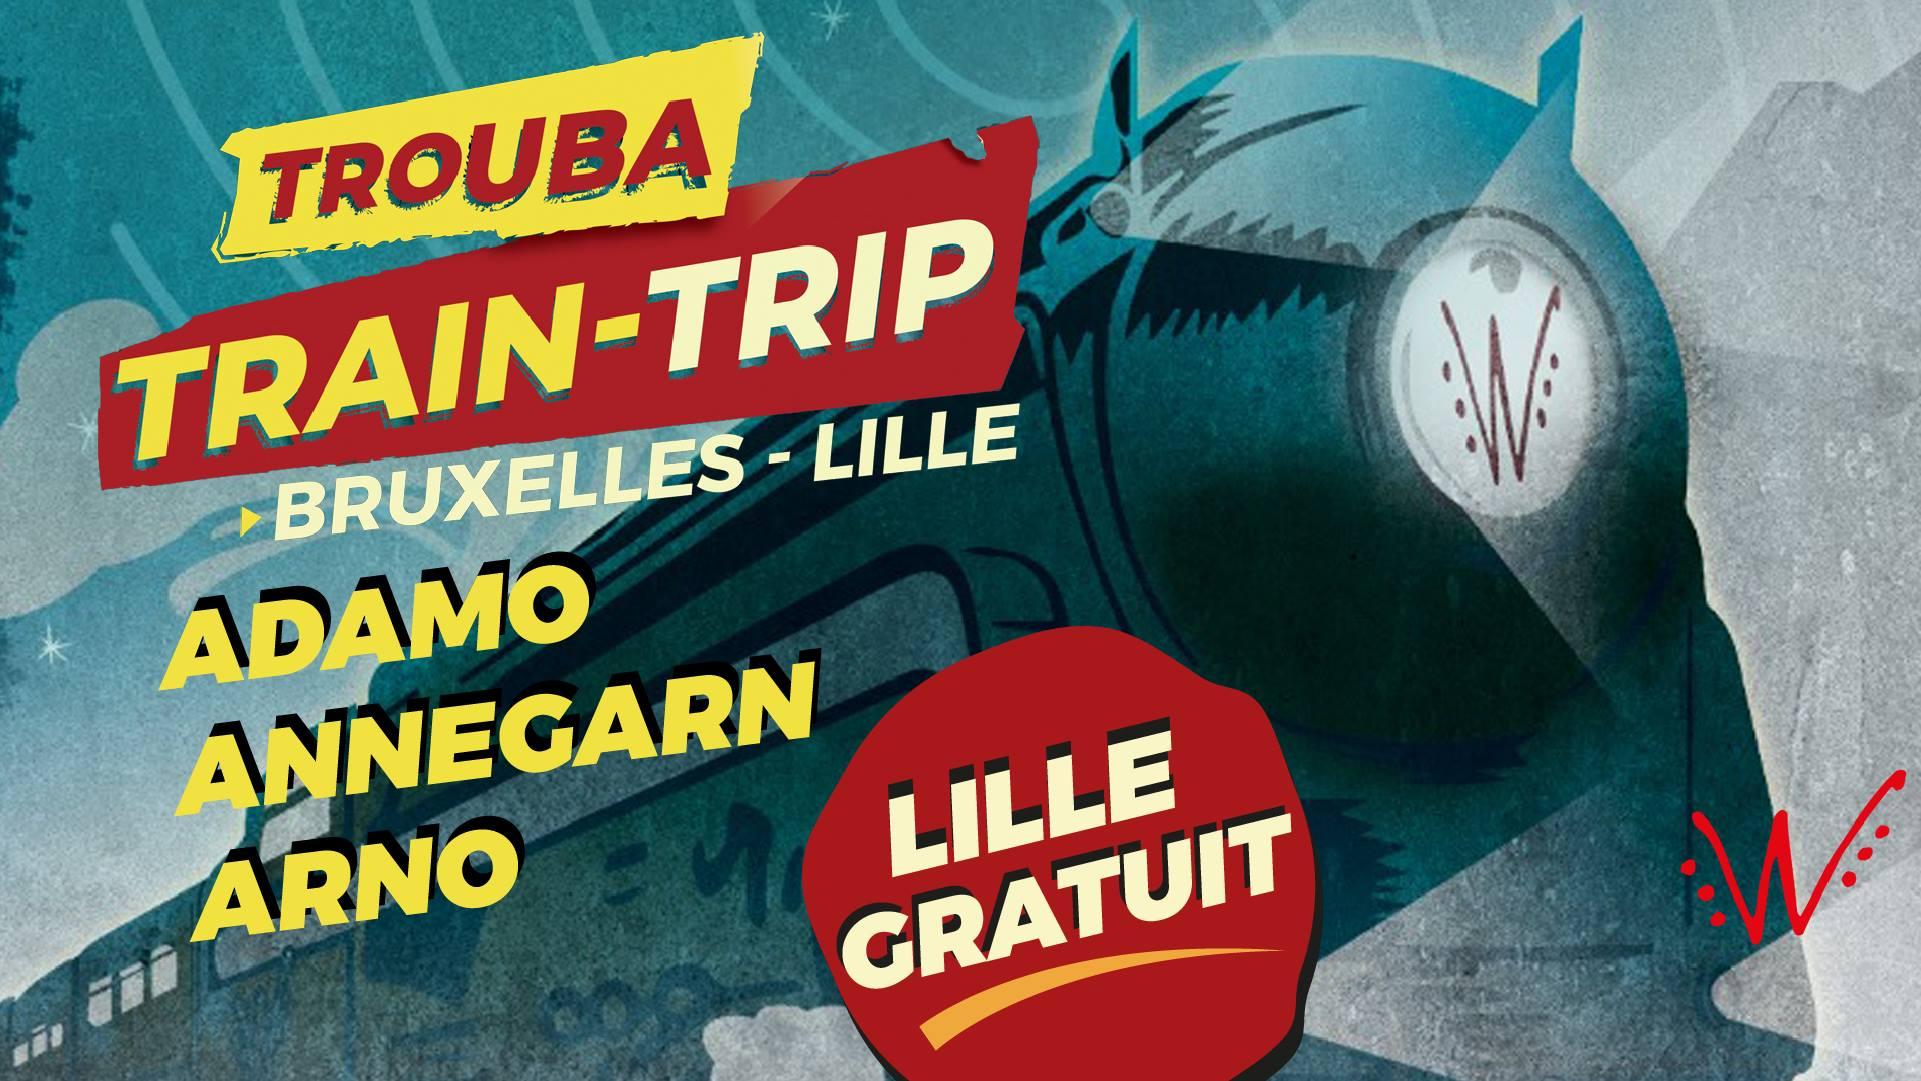 Le Trouba Train-Trip Bruxelles-Lille